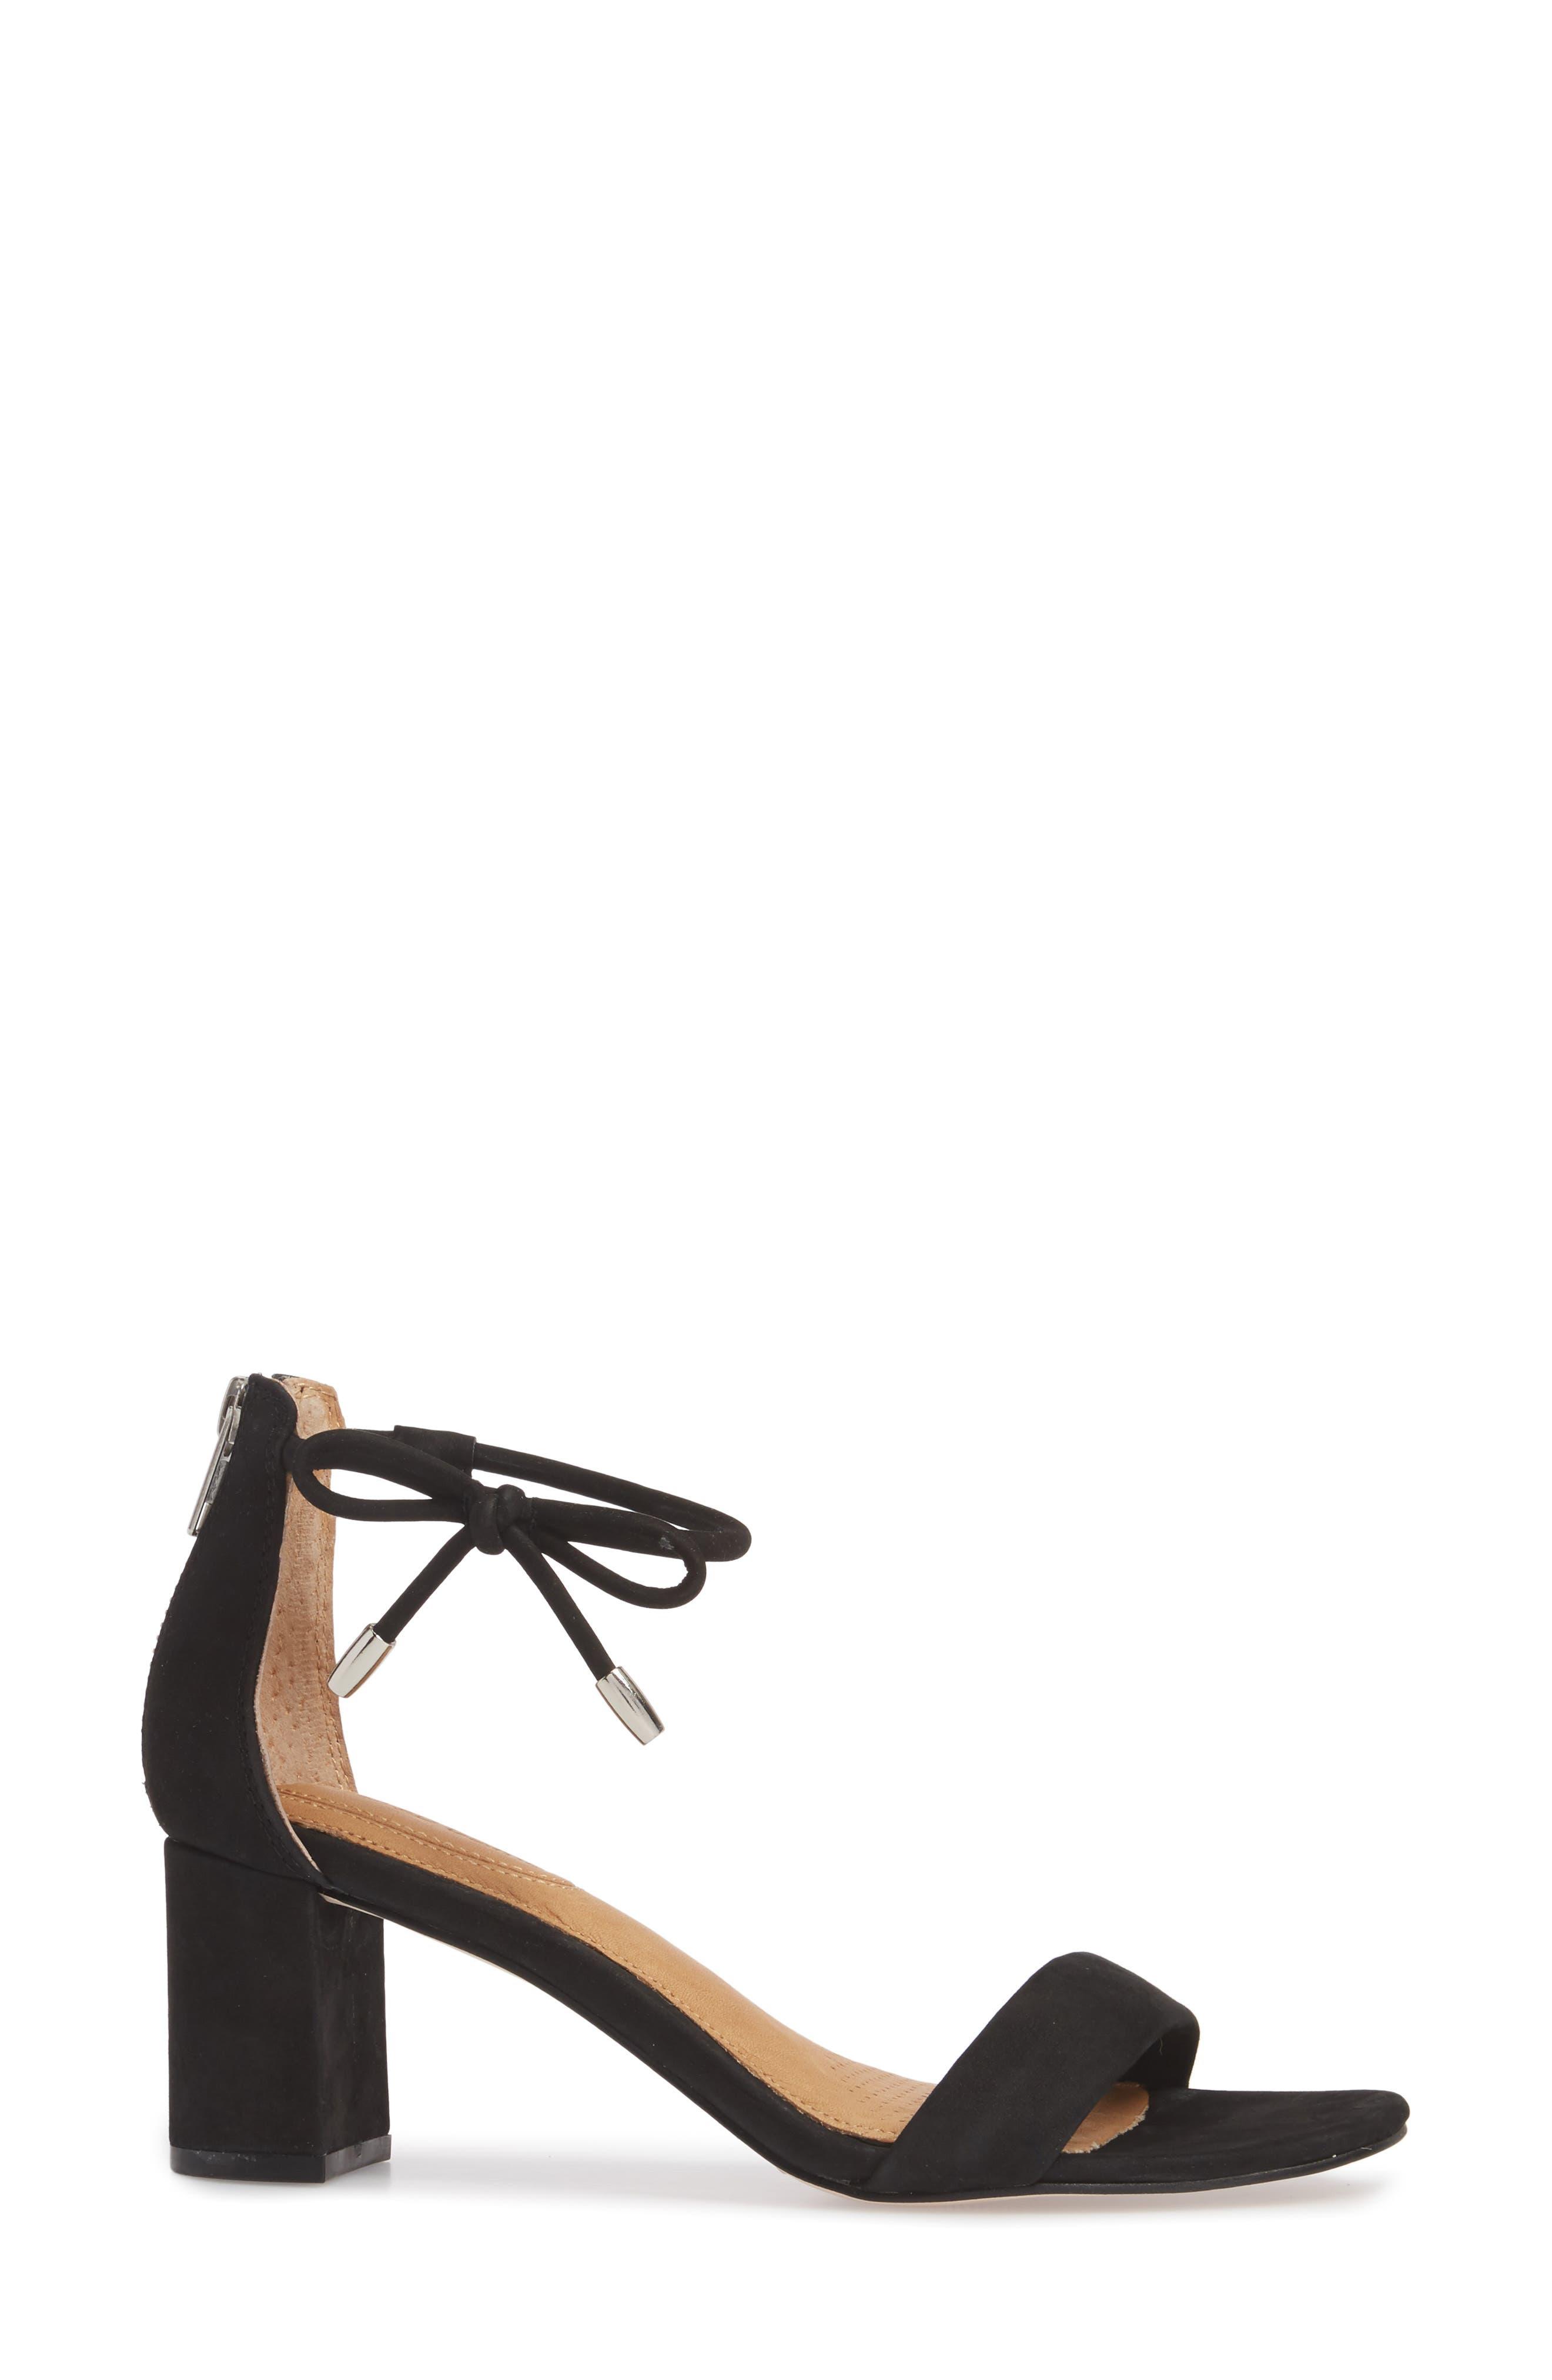 Celebratt Ankle Strap Sandal,                             Alternate thumbnail 3, color,                             001